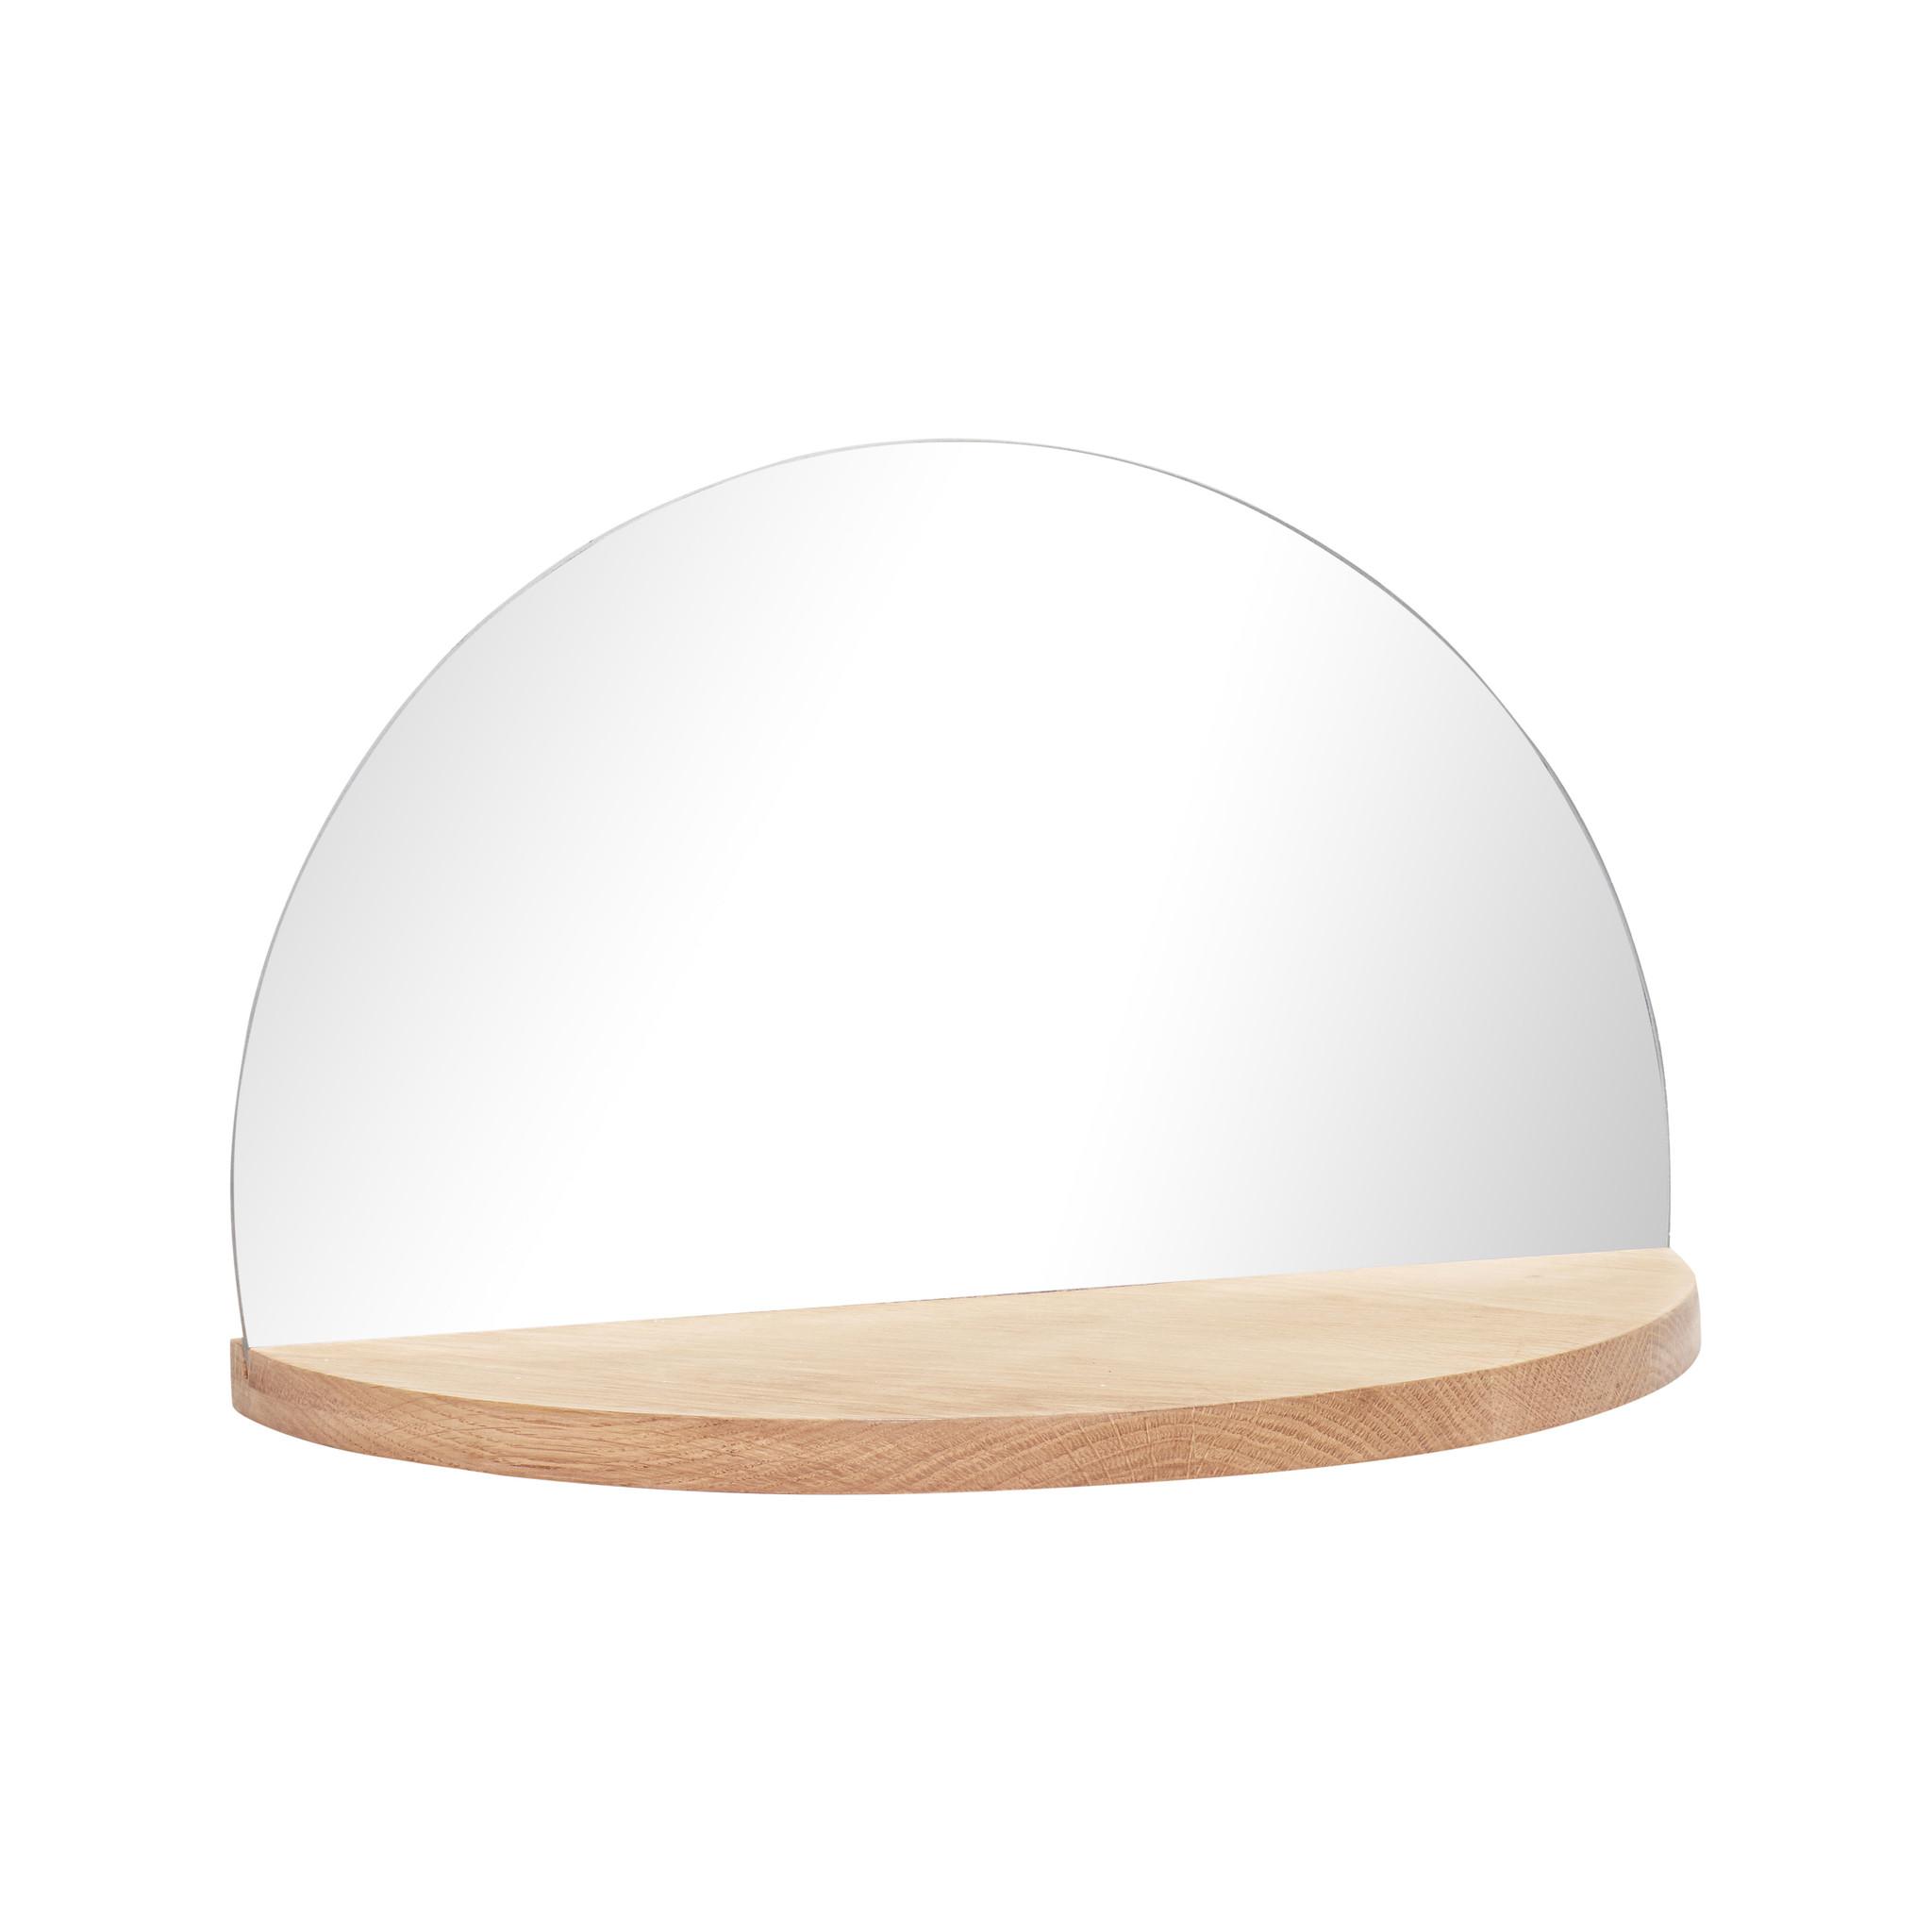 Hubsch Plank met spiegel, rond, natuur-880402-5712772055496